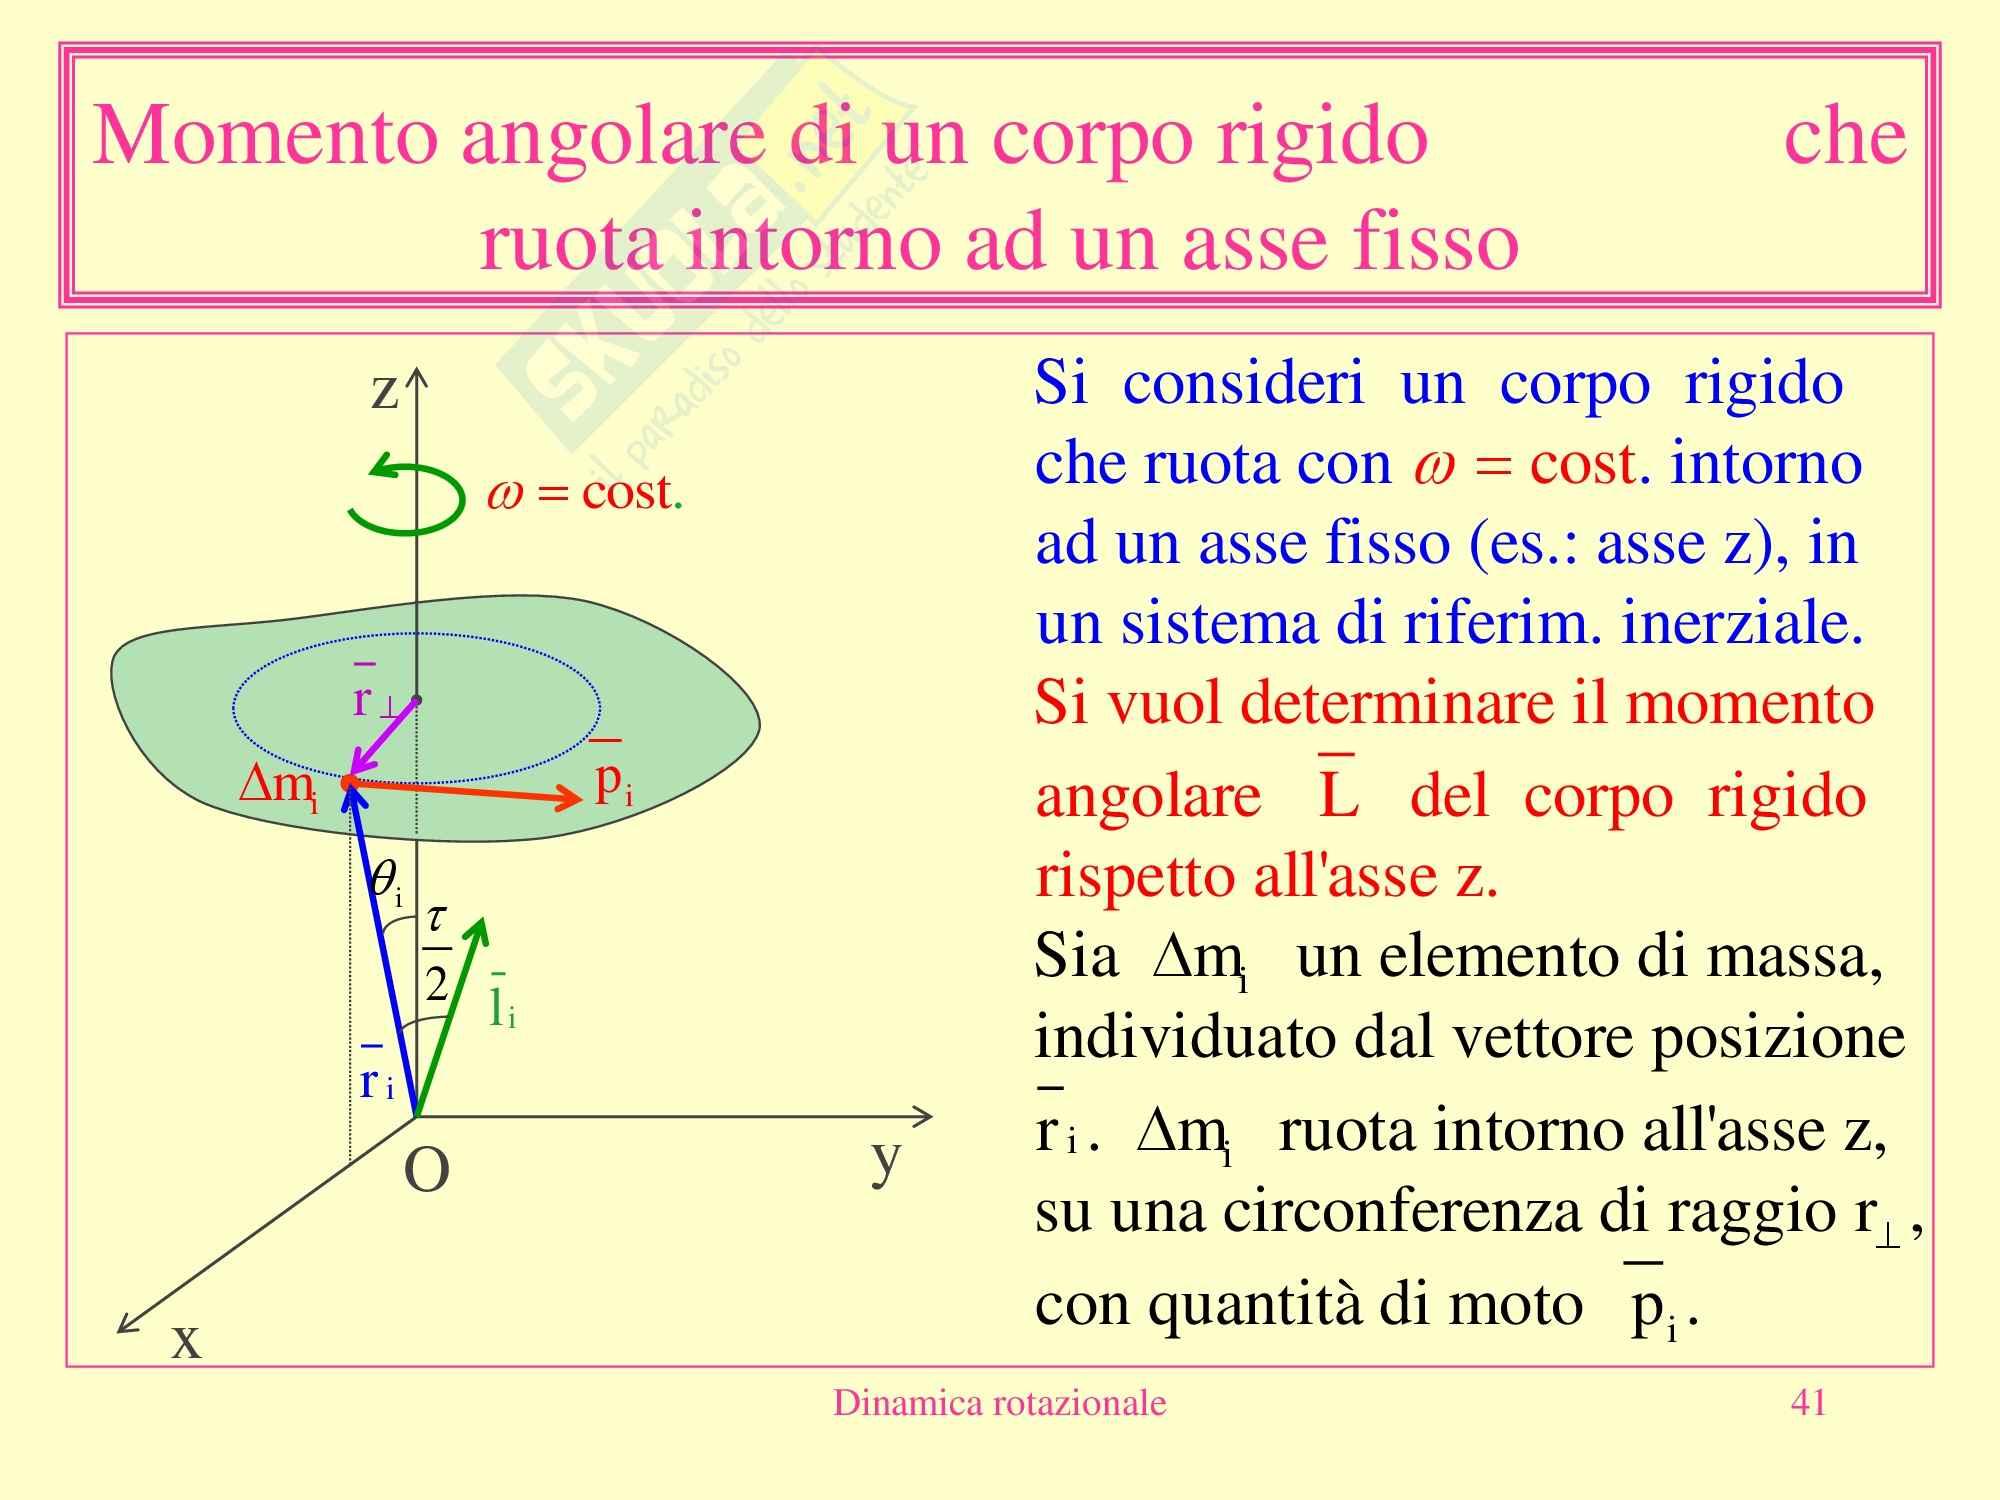 Fisica medica - dinamica rotazionale Pag. 41